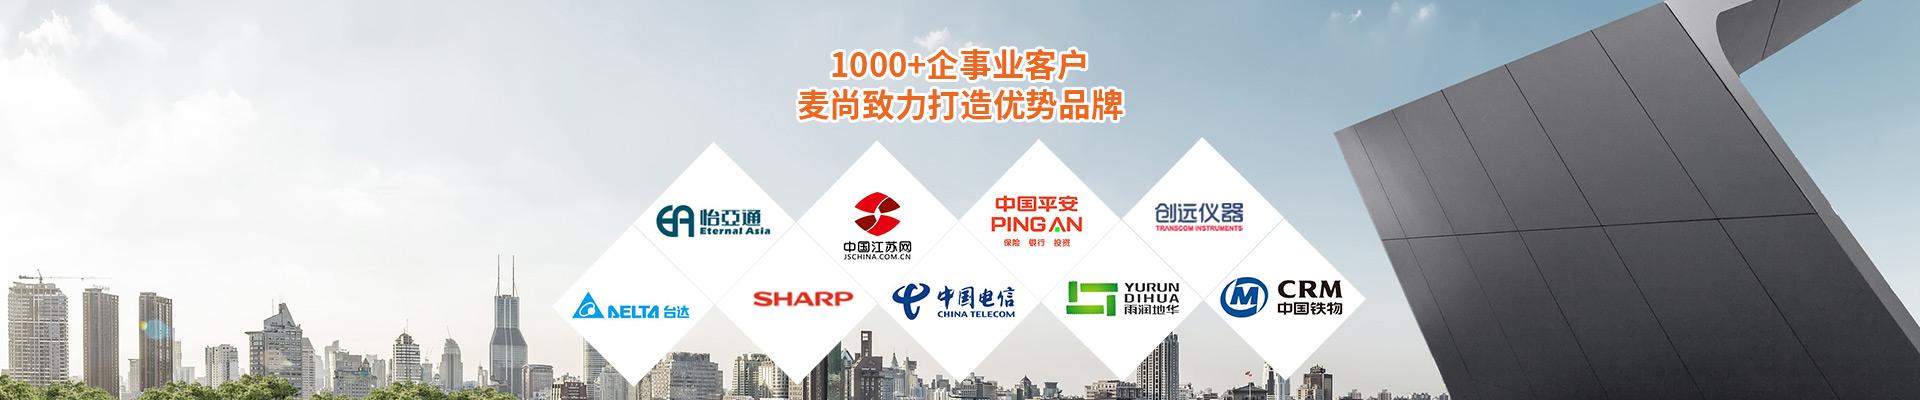 合作客户-1000+企事业客户,麦尚致力打造优势品牌